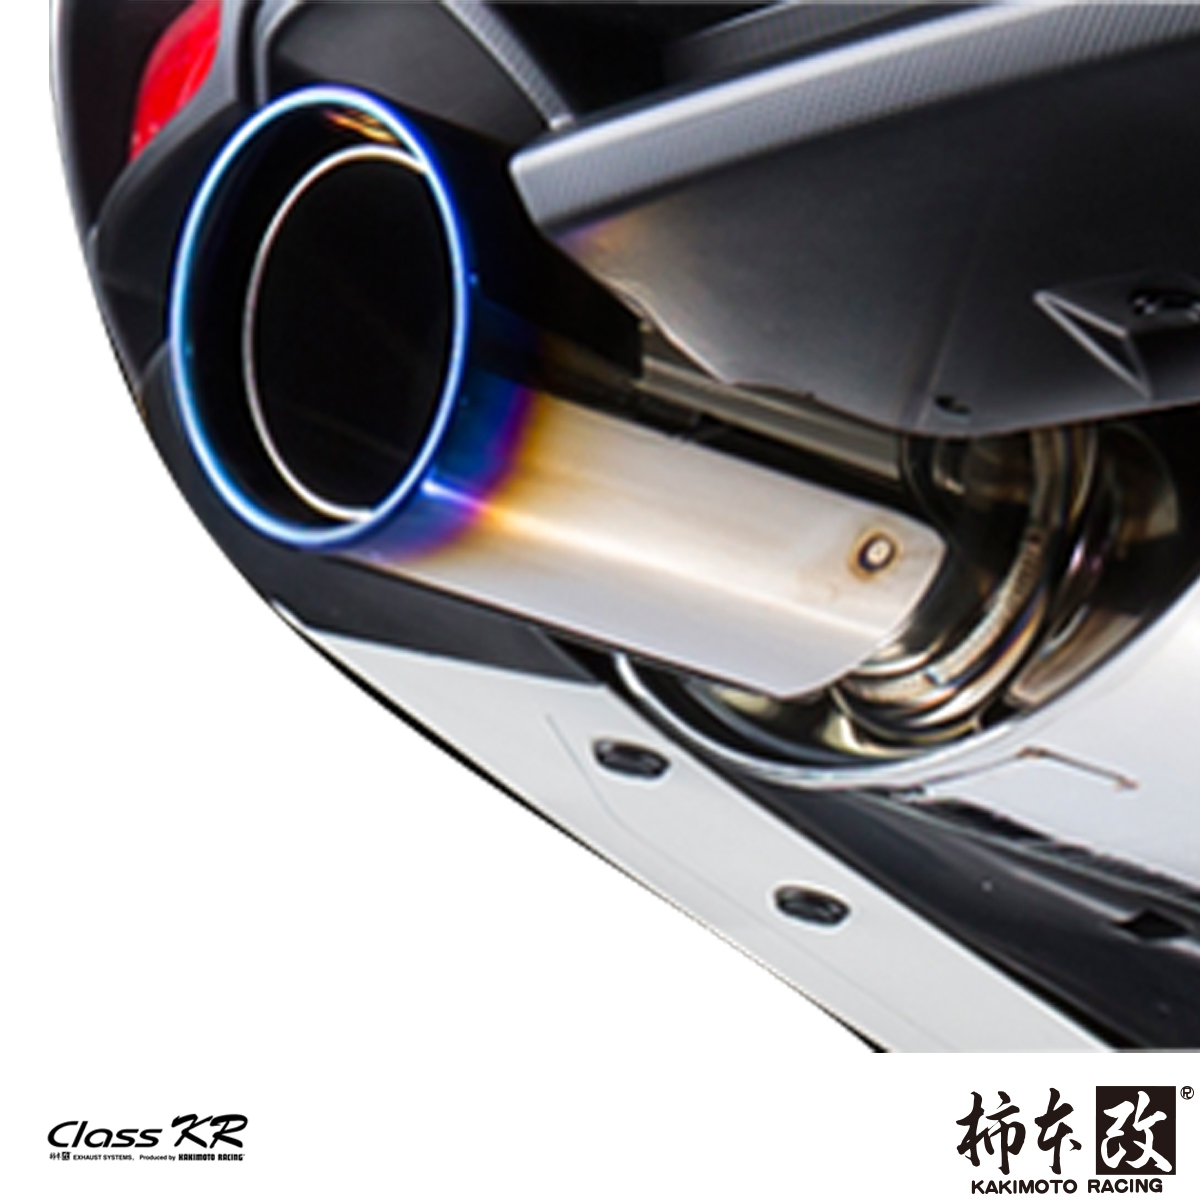 柿本 改 クラスKR ジューク CBA-NF15 マフラー 品番:N71397 KAKIMOTO RACING Class KR 配送先条件有り